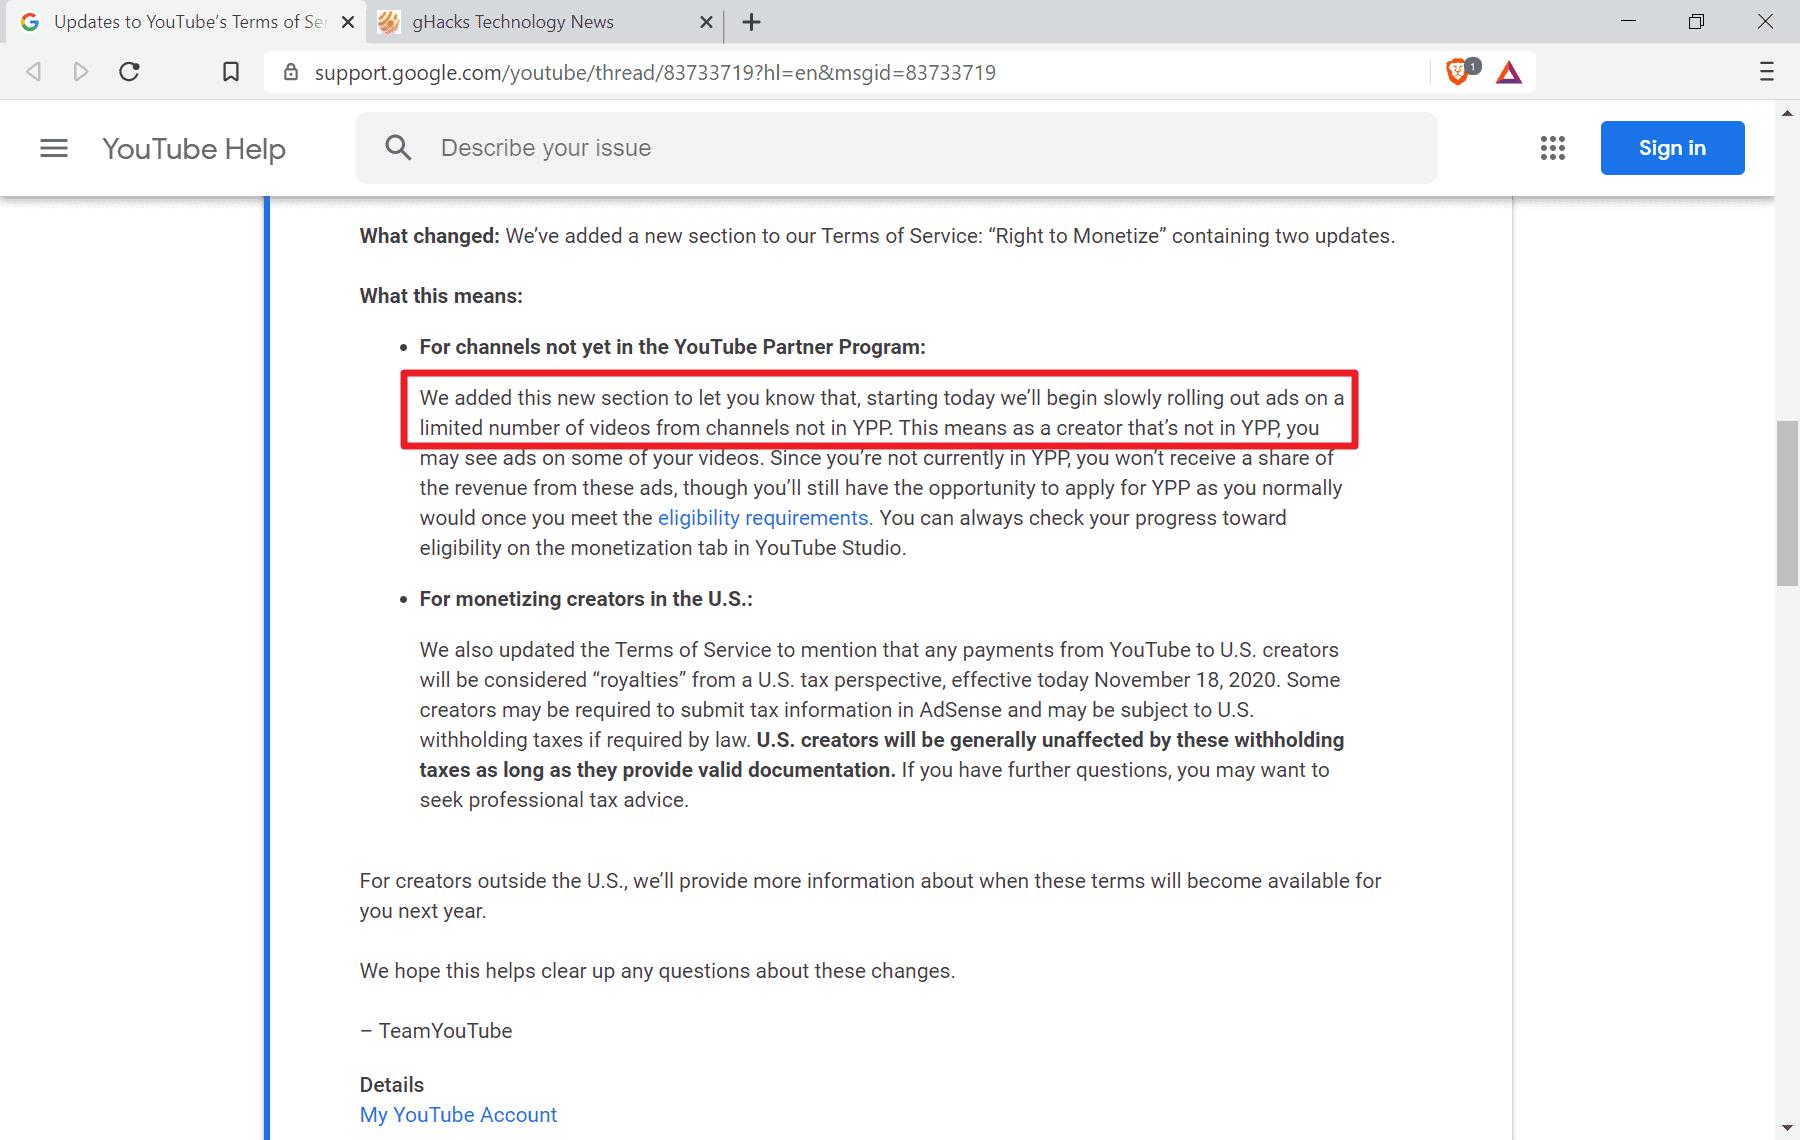 youtube video ads not partner program